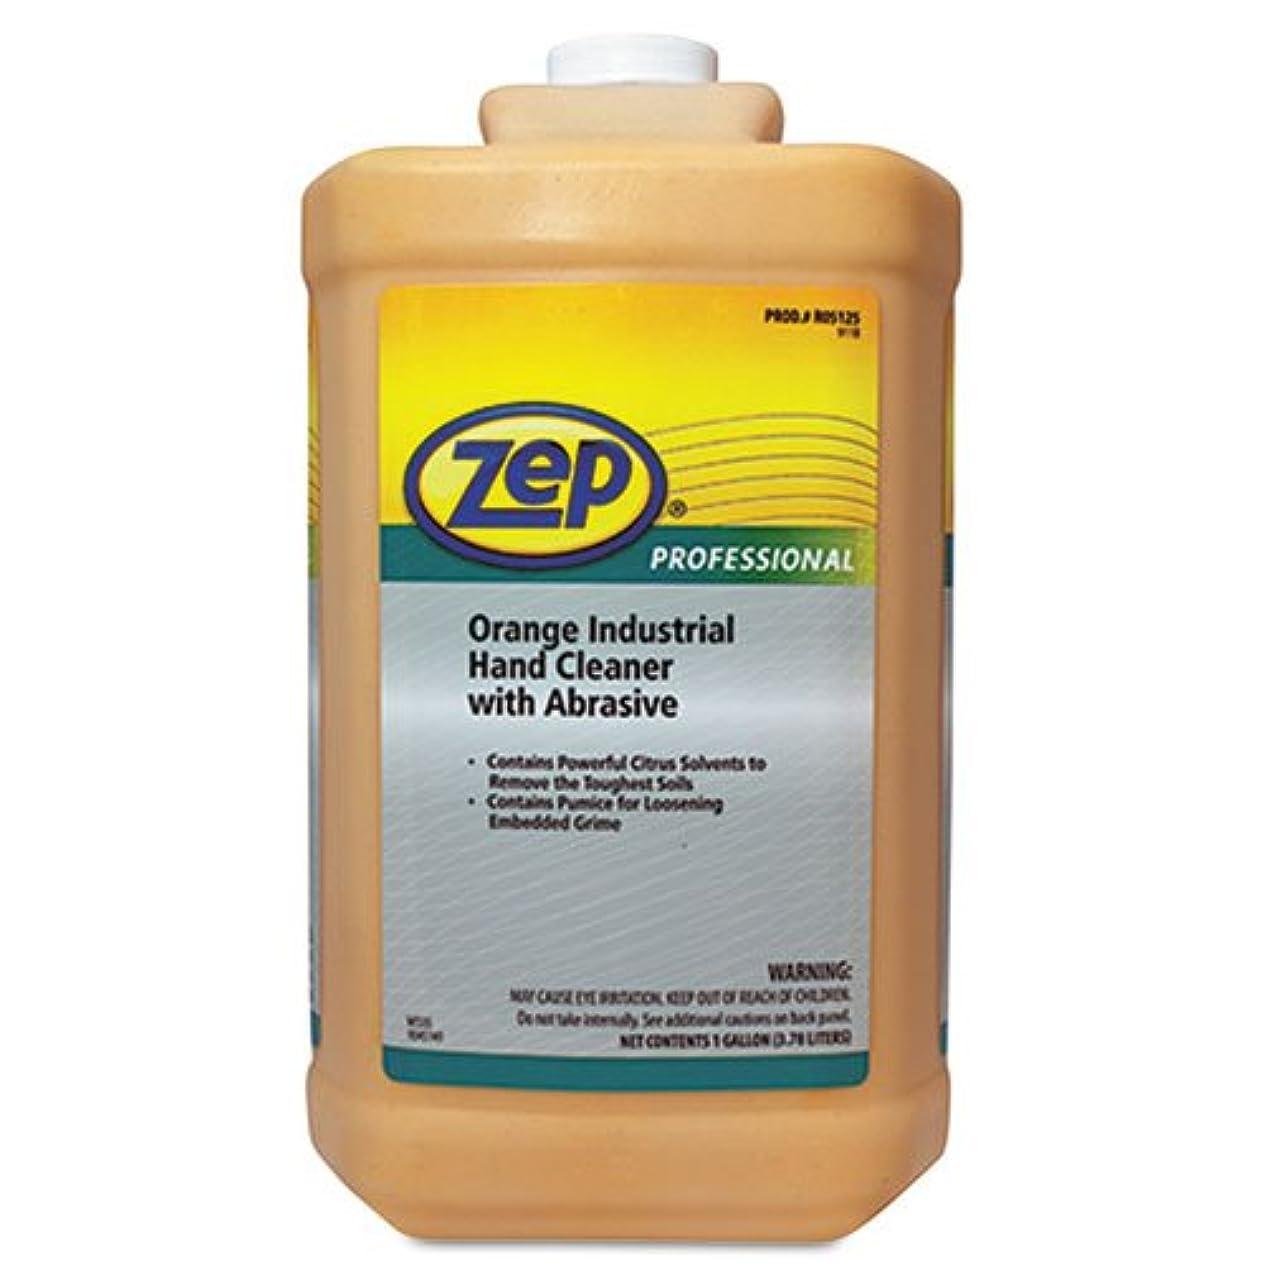 スコアかるミキサーZepプロフェッショナル工業ハンドクリーナー、オレンジ、1ガロンボトル1045070